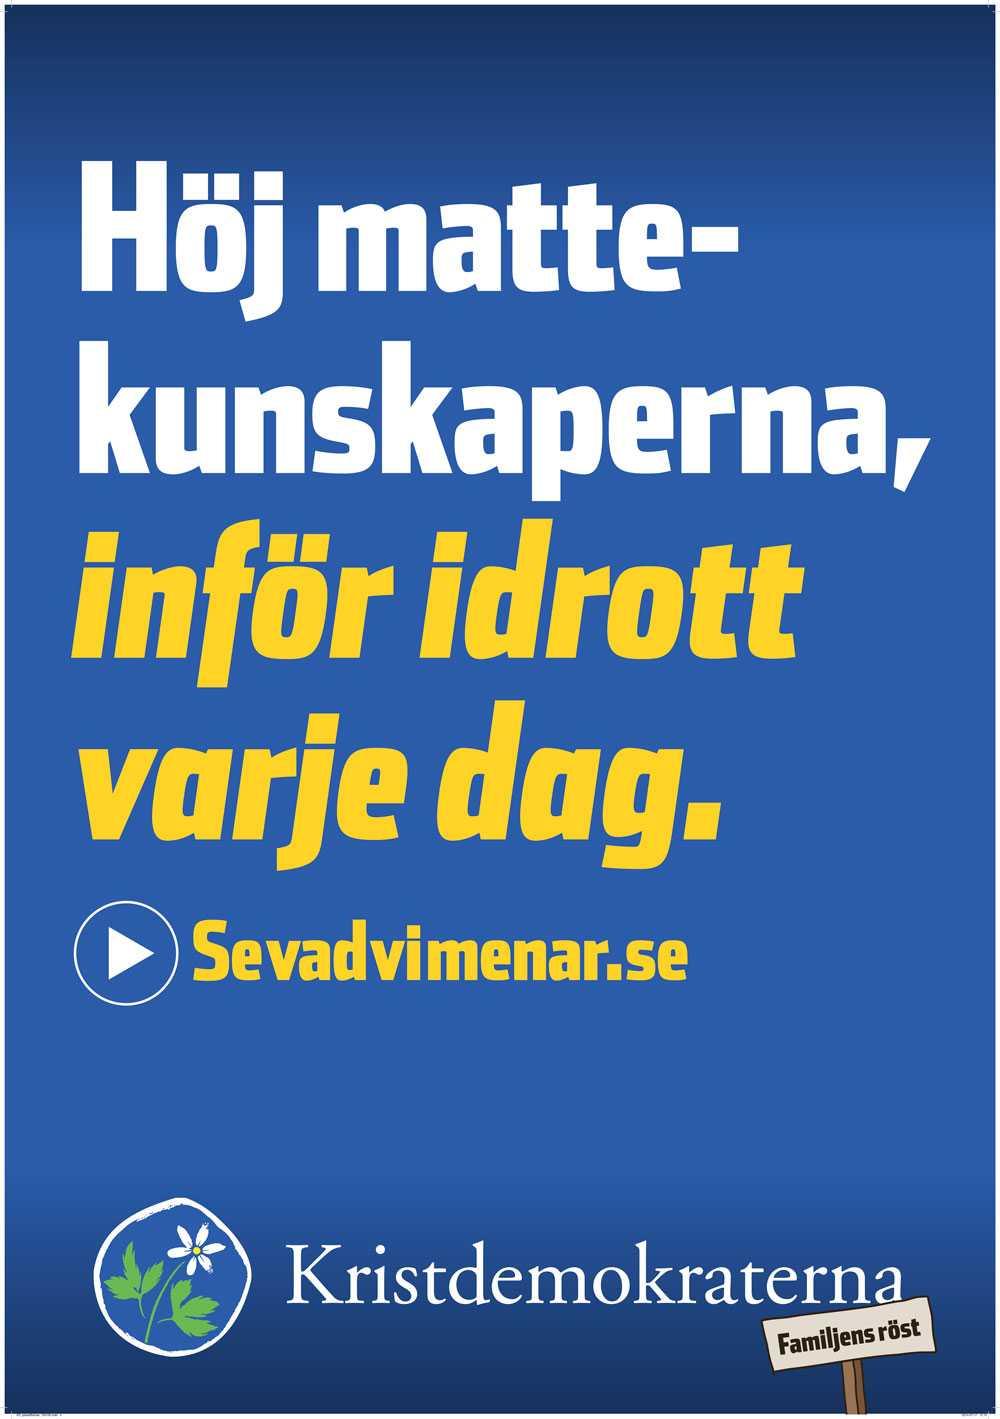 ++ (2 plus) Henrik Torehammar: KD brukar som det partiet med minst att förlora att ta flest chanser, tex 201 års med roliga möten med djur och Hägglund. Denna webbadress får mig som surfplattskadad att vilja trycka på affischen. Inget kommer hända. Jag blir redan arg.